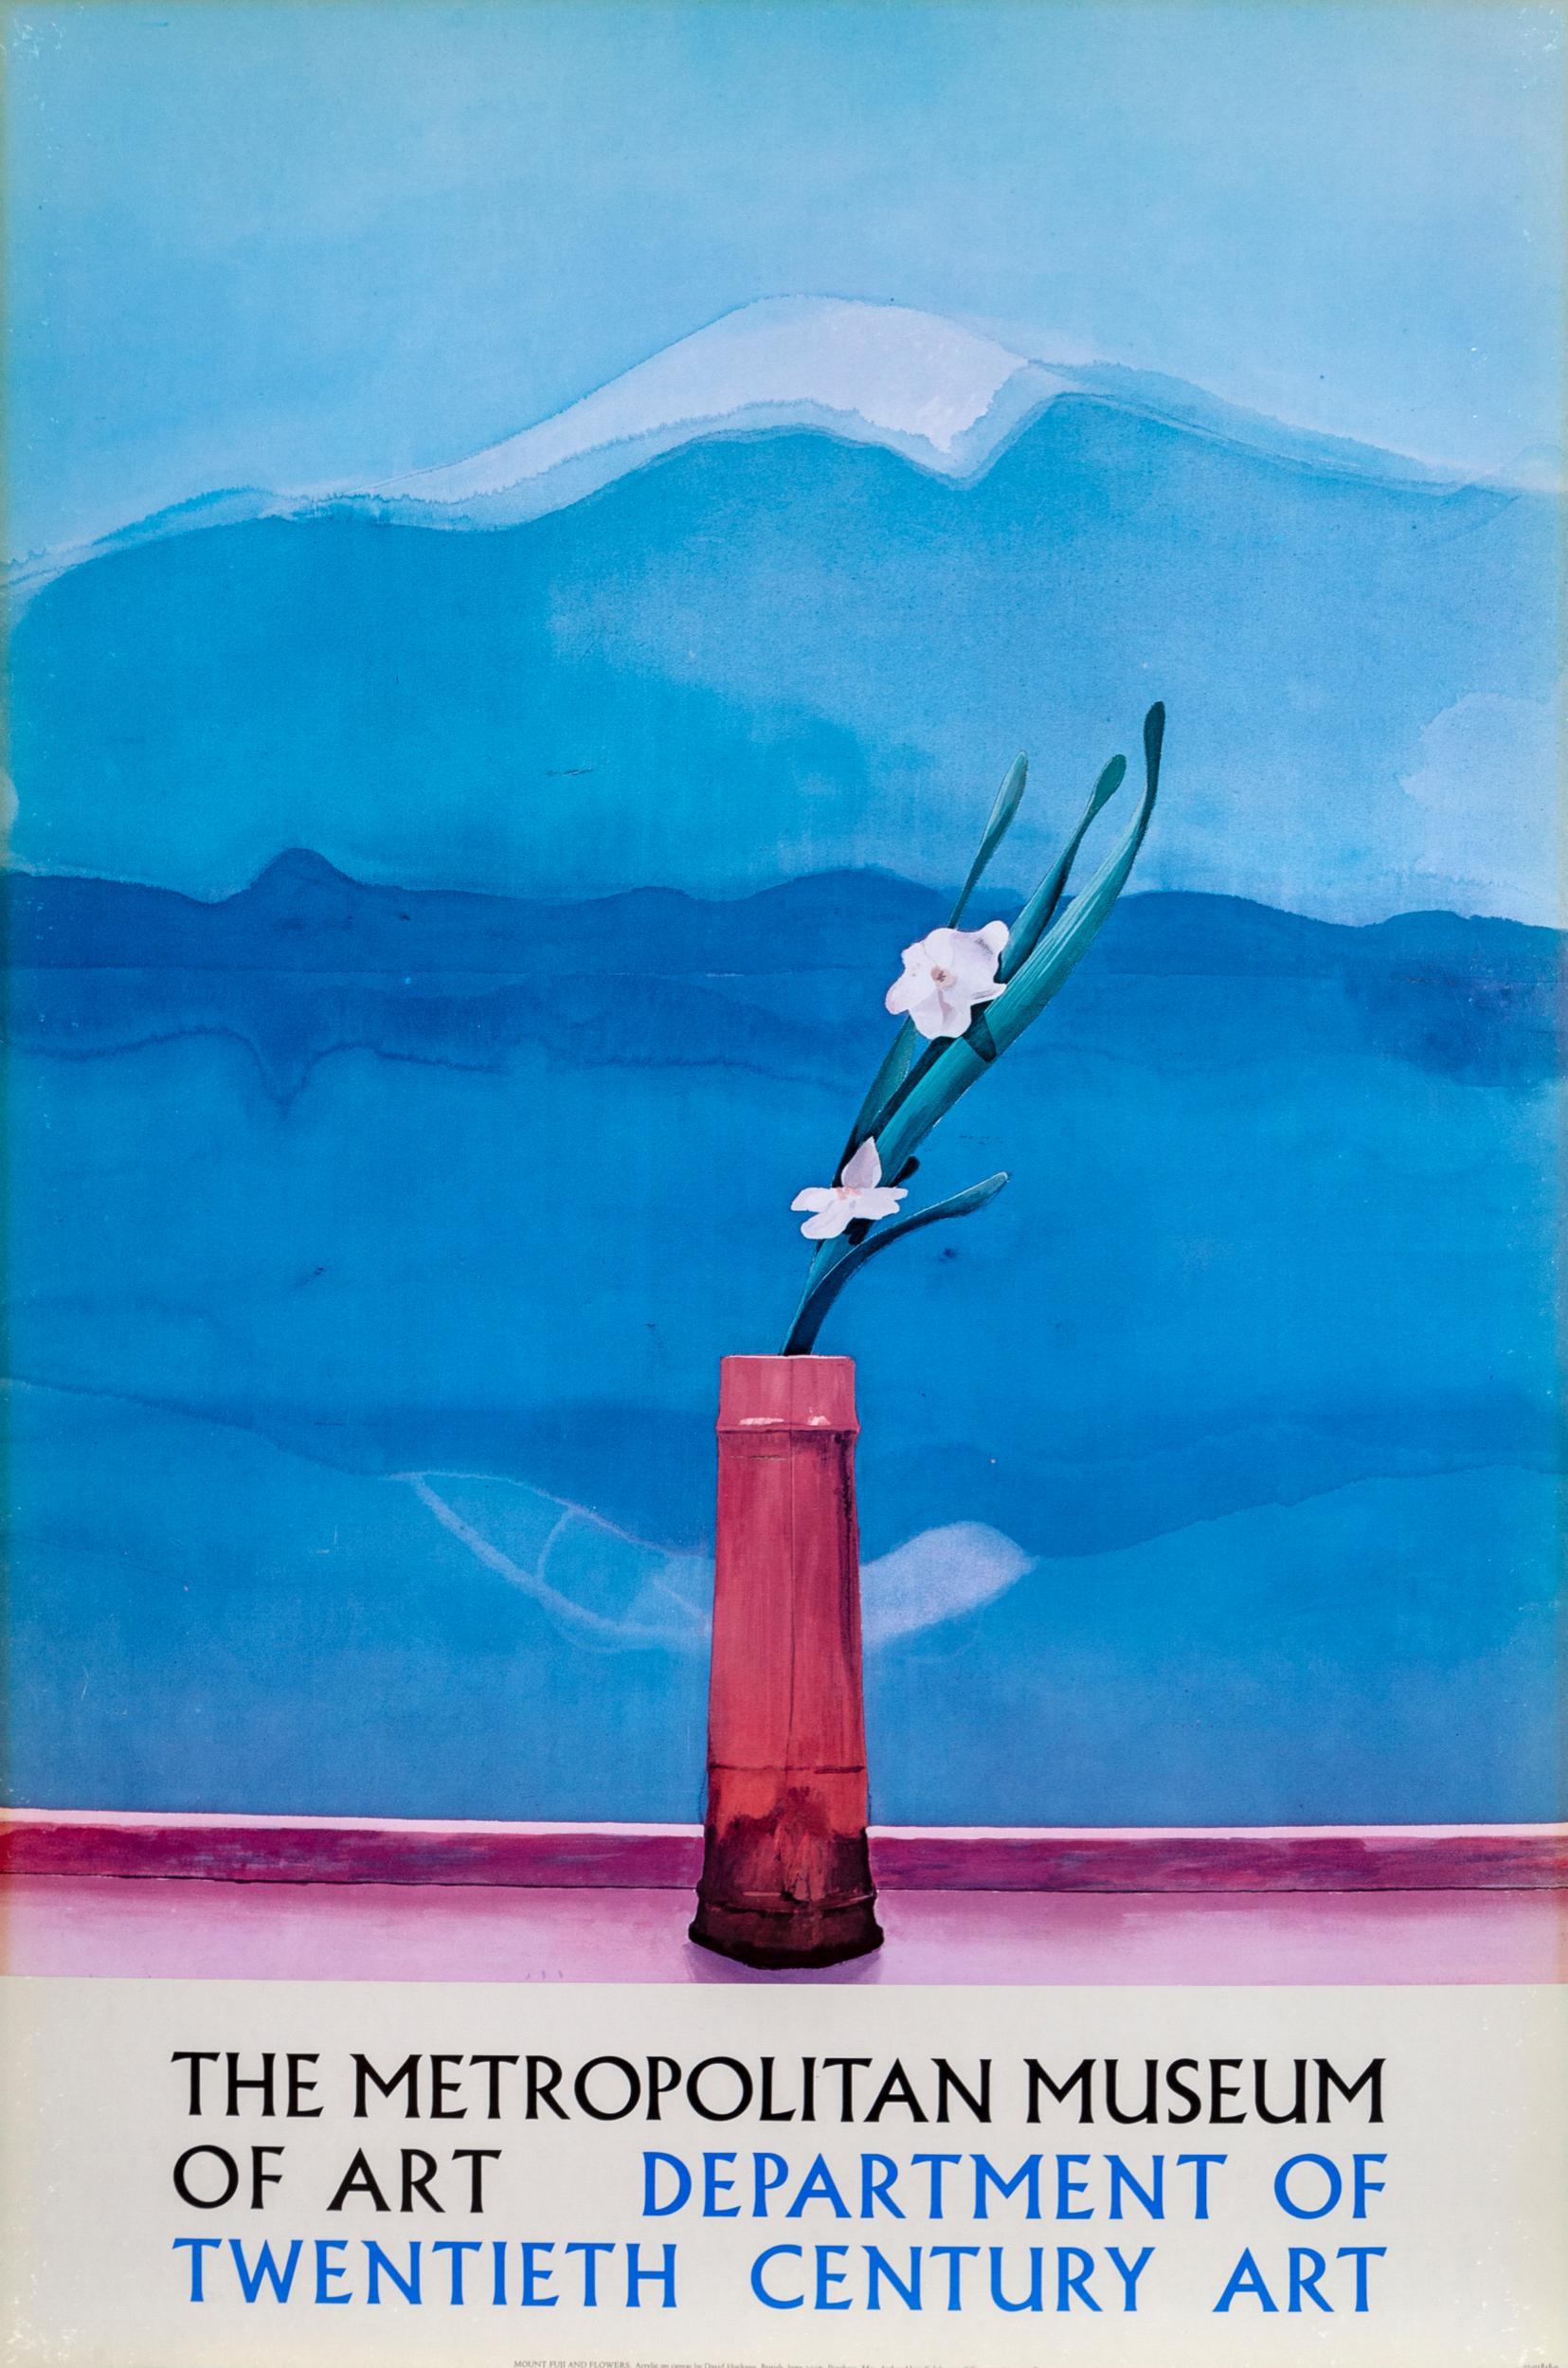 David Hockney, The Metropolitan Museum of Art: David Hockney, Poster